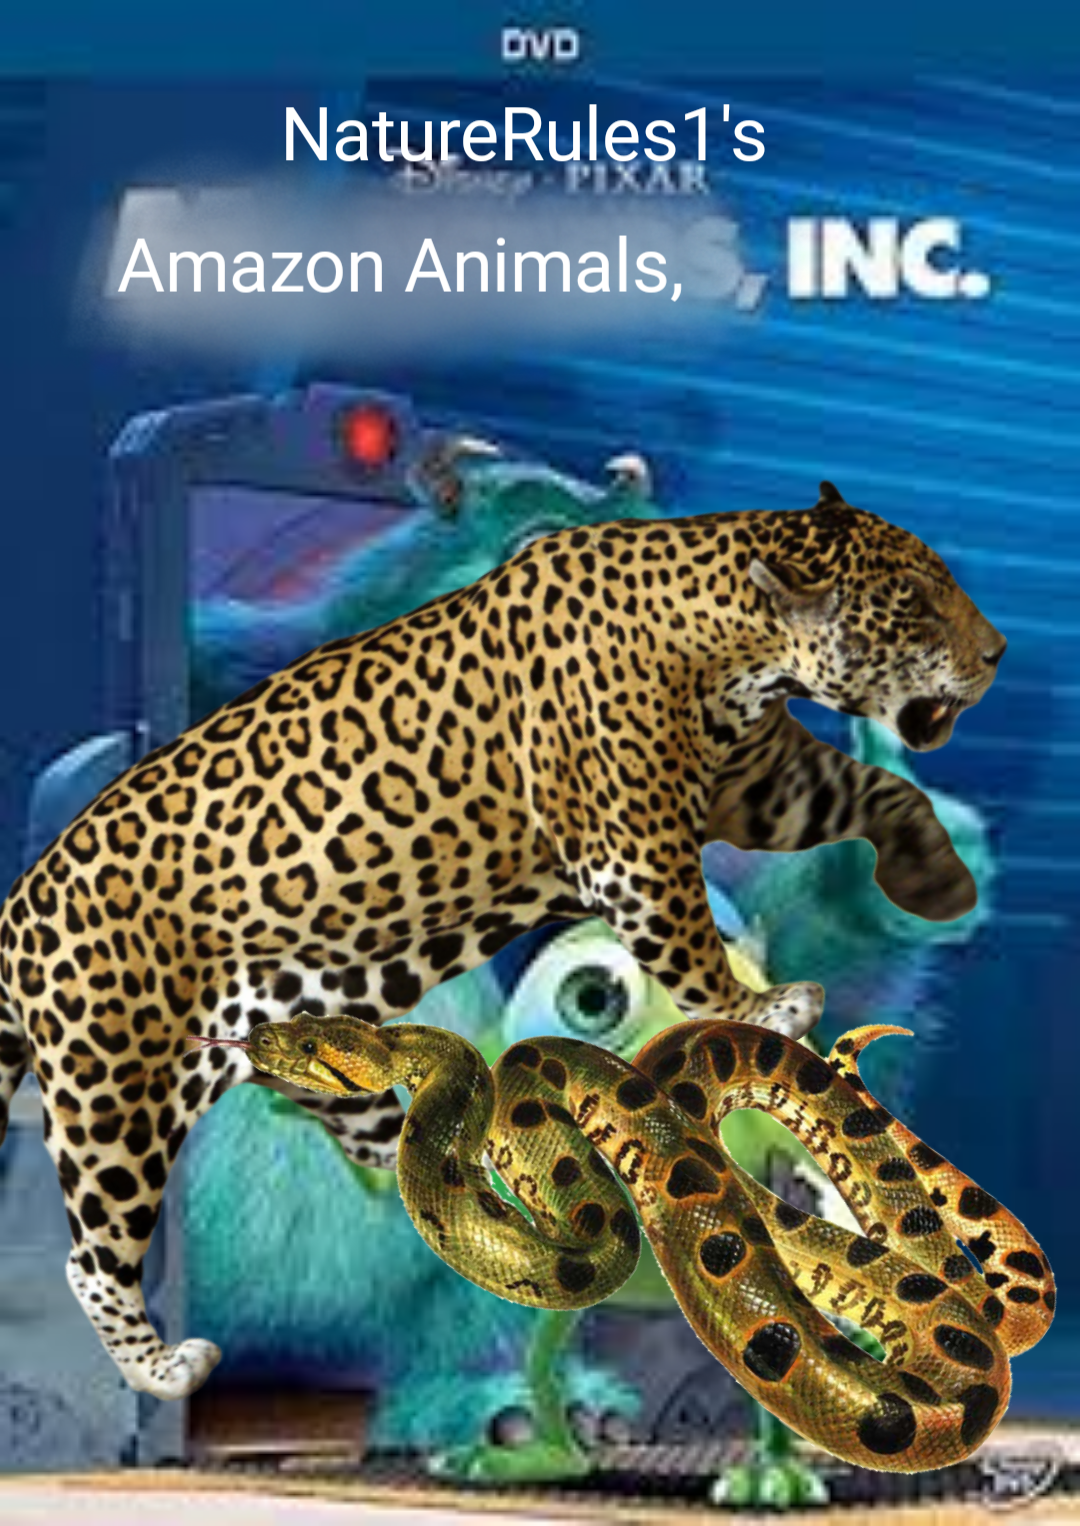 Amazon Animals, Inc.